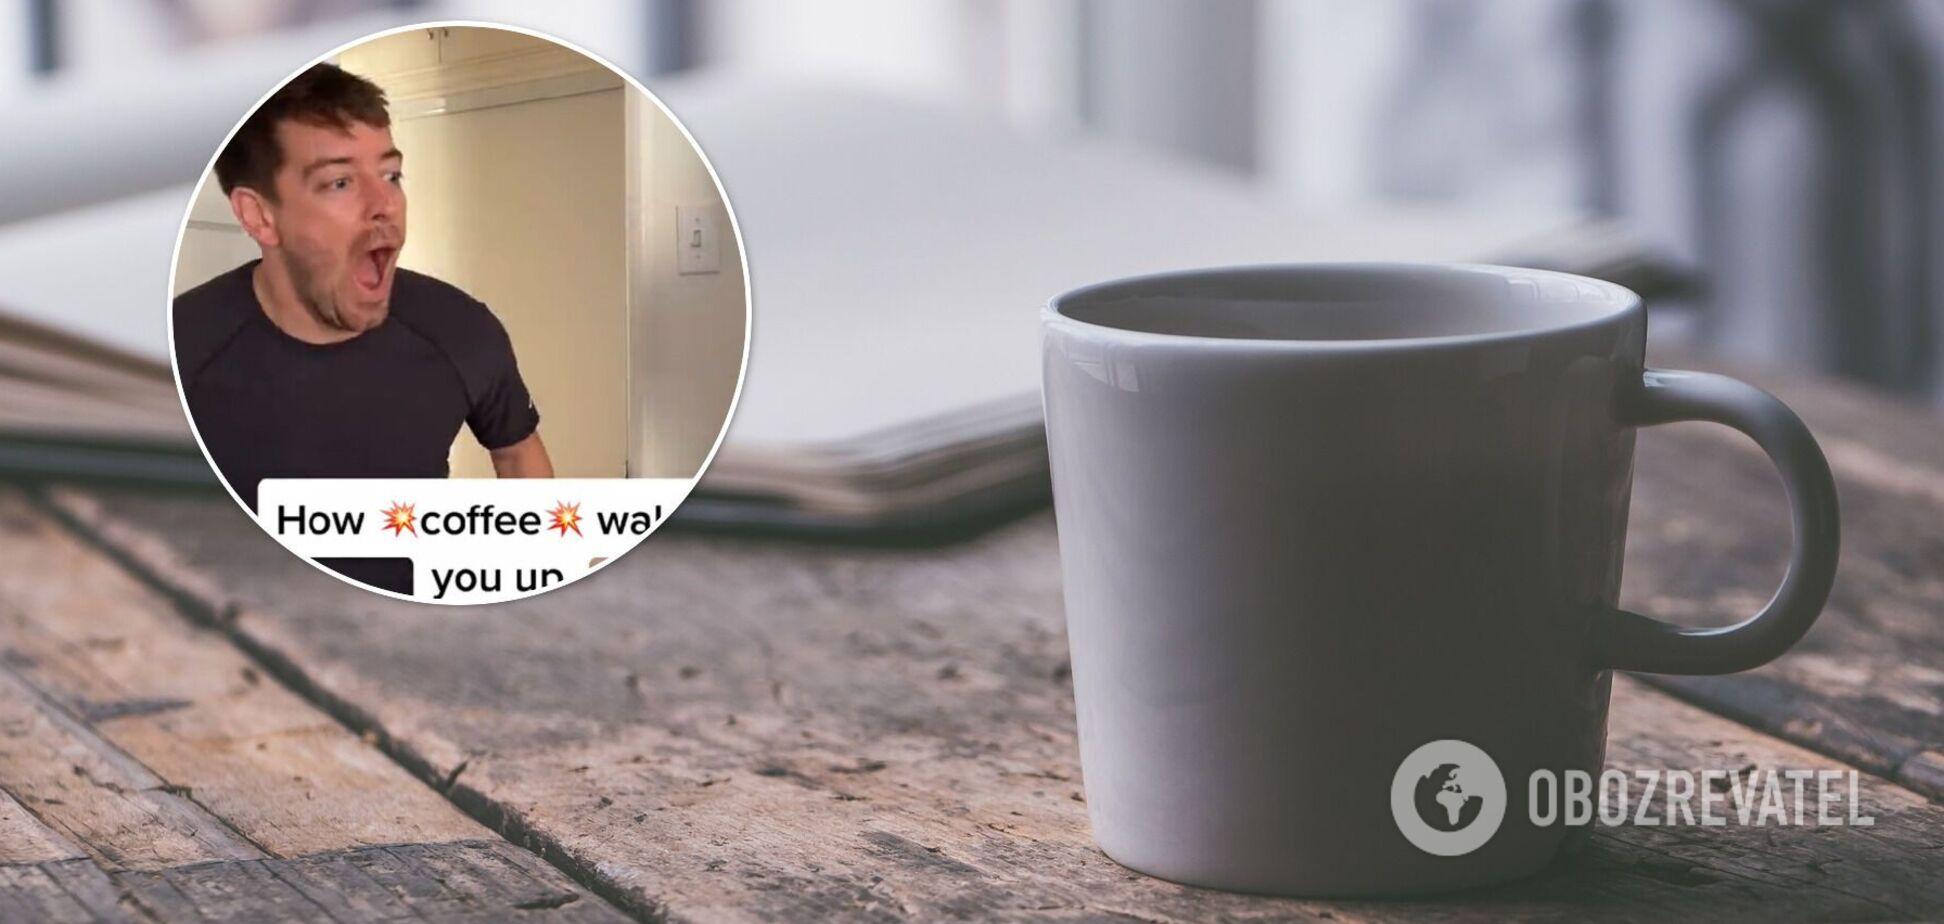 Багато користувачів зізналися, що у випадку з кавою впізнали себе